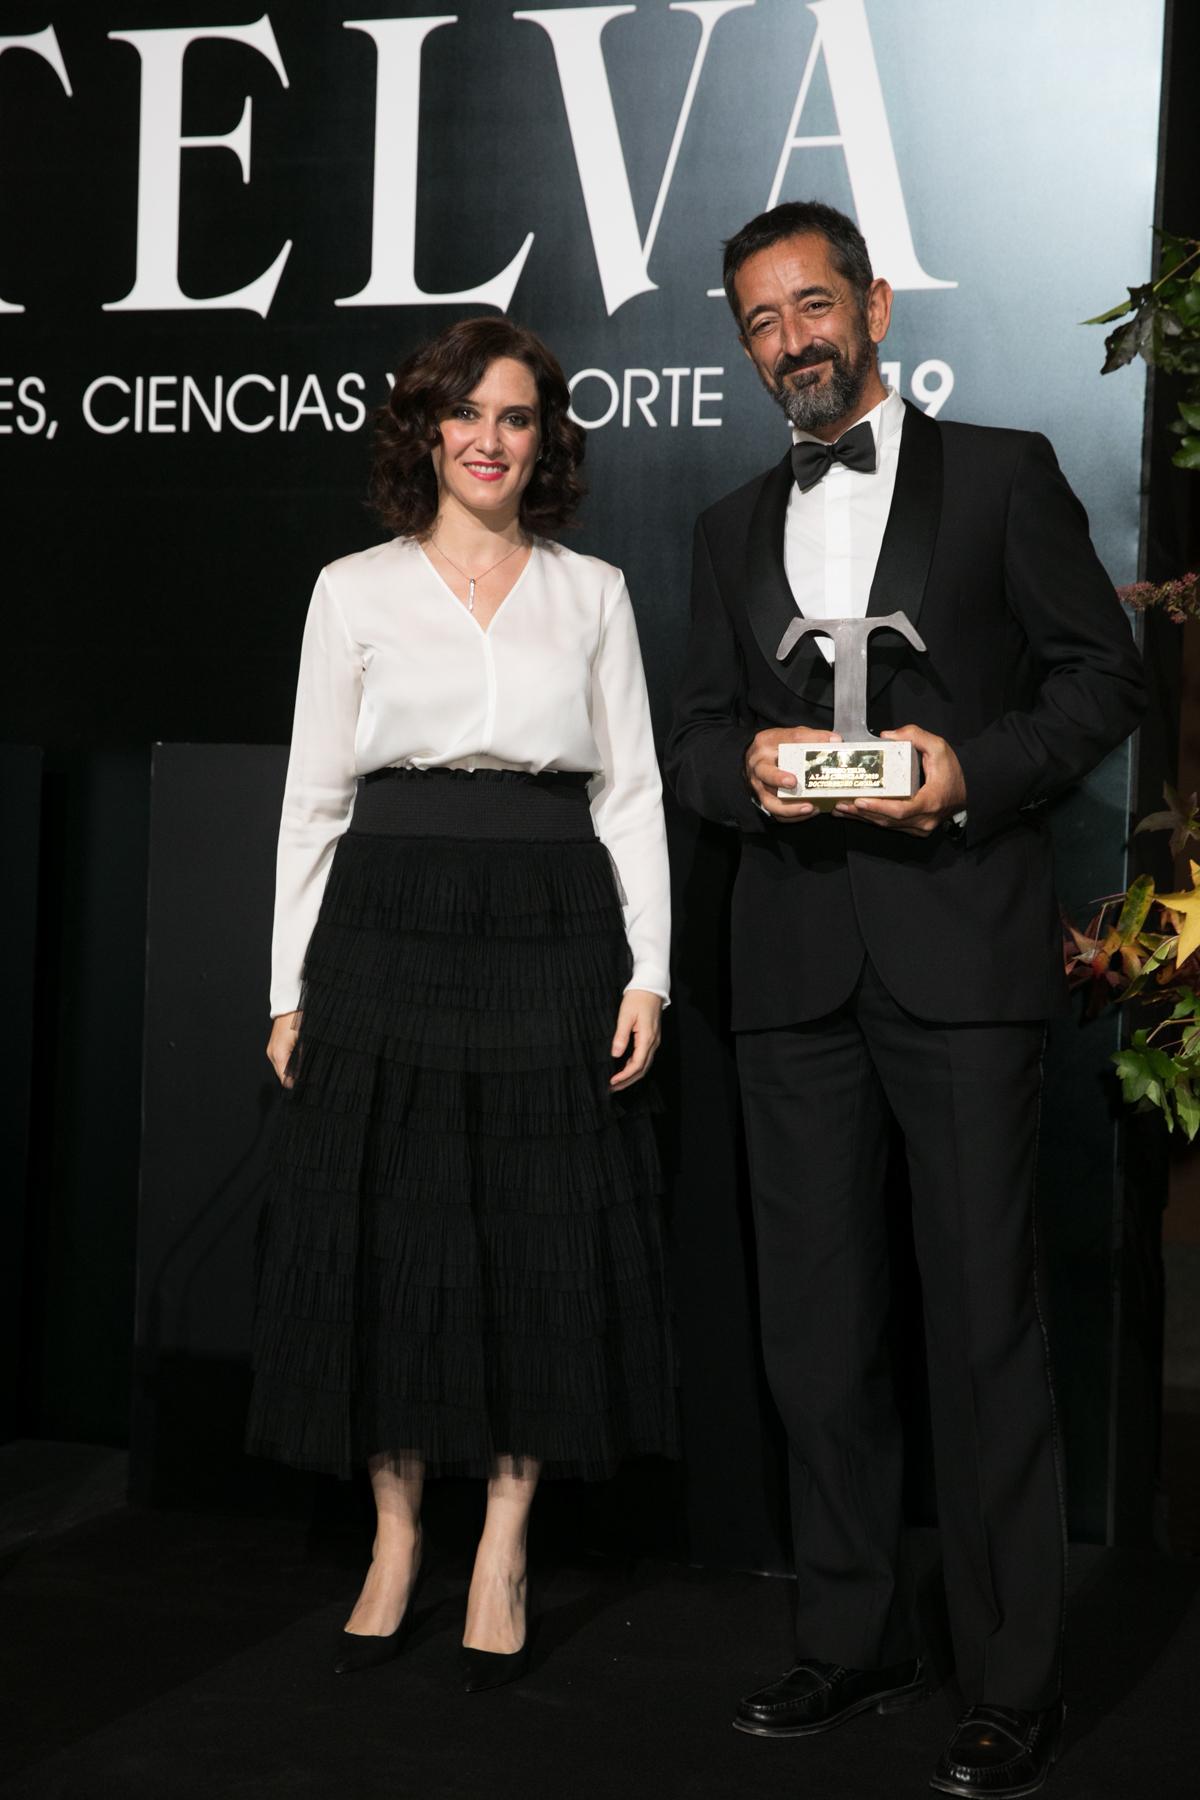 Isabel Díaz Ayuso, presidenta de la Comunidad de Madrid, entregó el Premio TELVA a las Ciencas 2019 al doctor Pedro Cavadas.